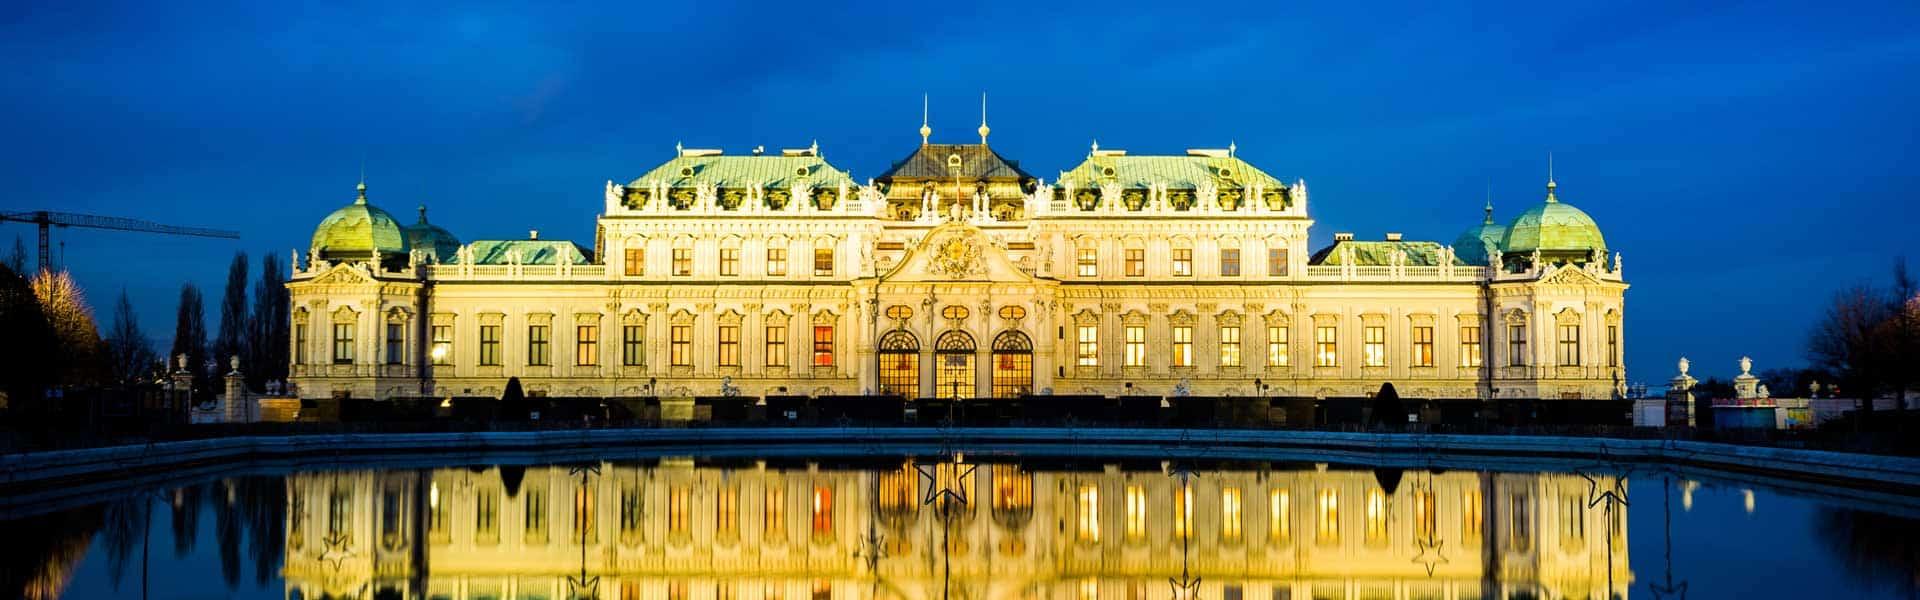 Bei schöner Aussicht Kunst und Geschichte erleben: Das Schloss Belvedere in Wien